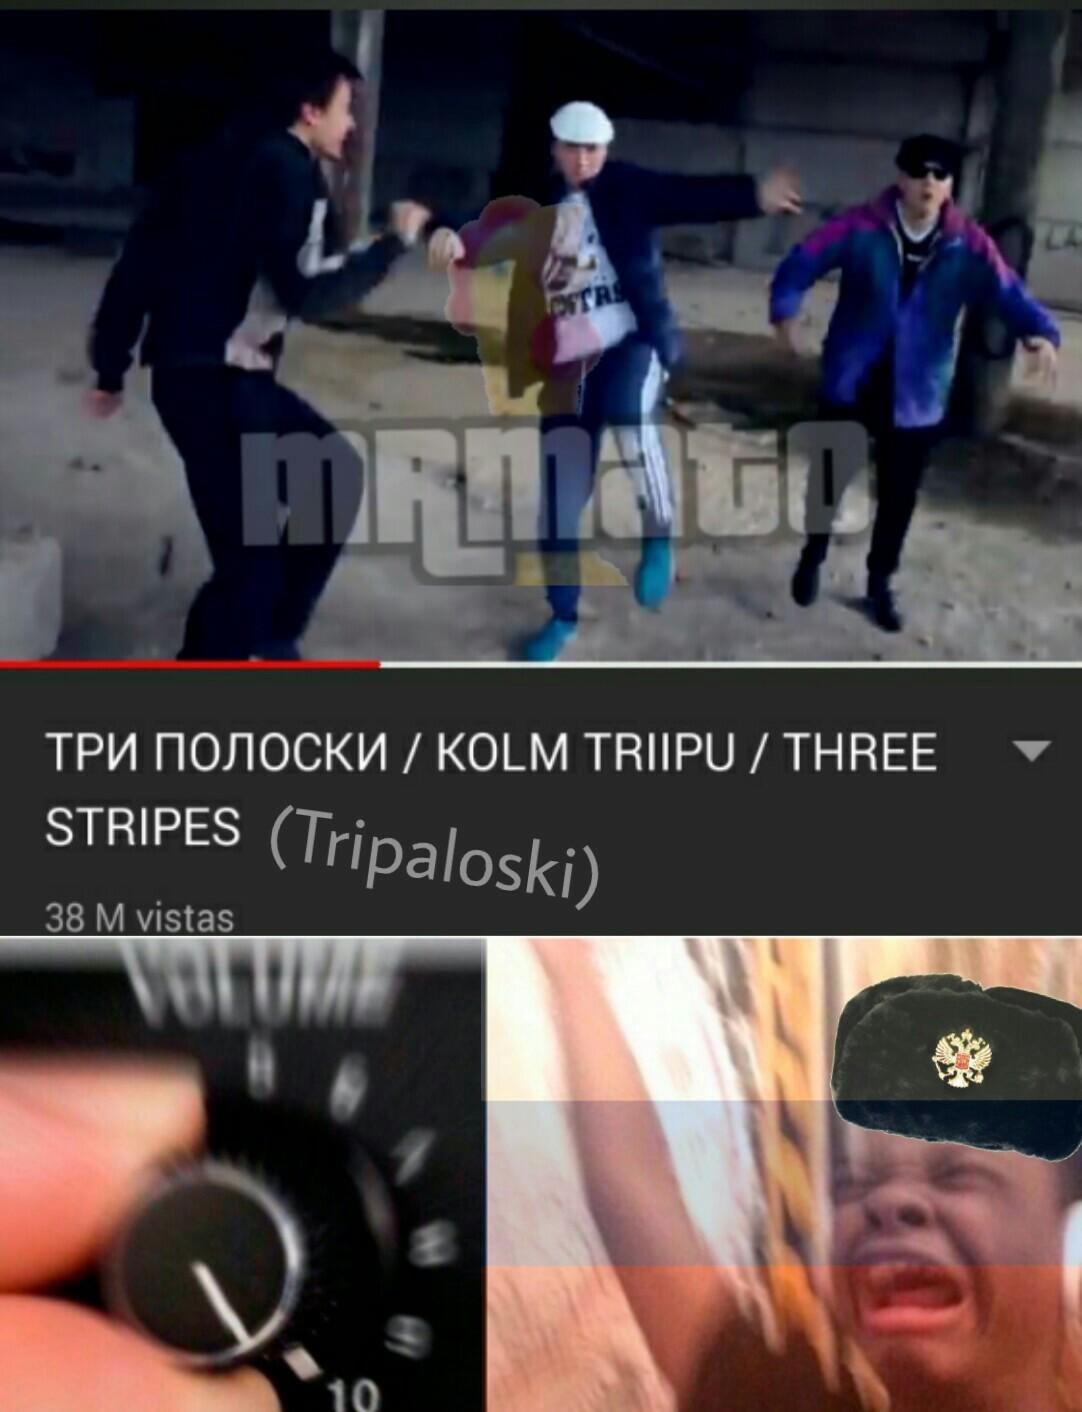 Tripaloski, tripa, tripa loski - meme